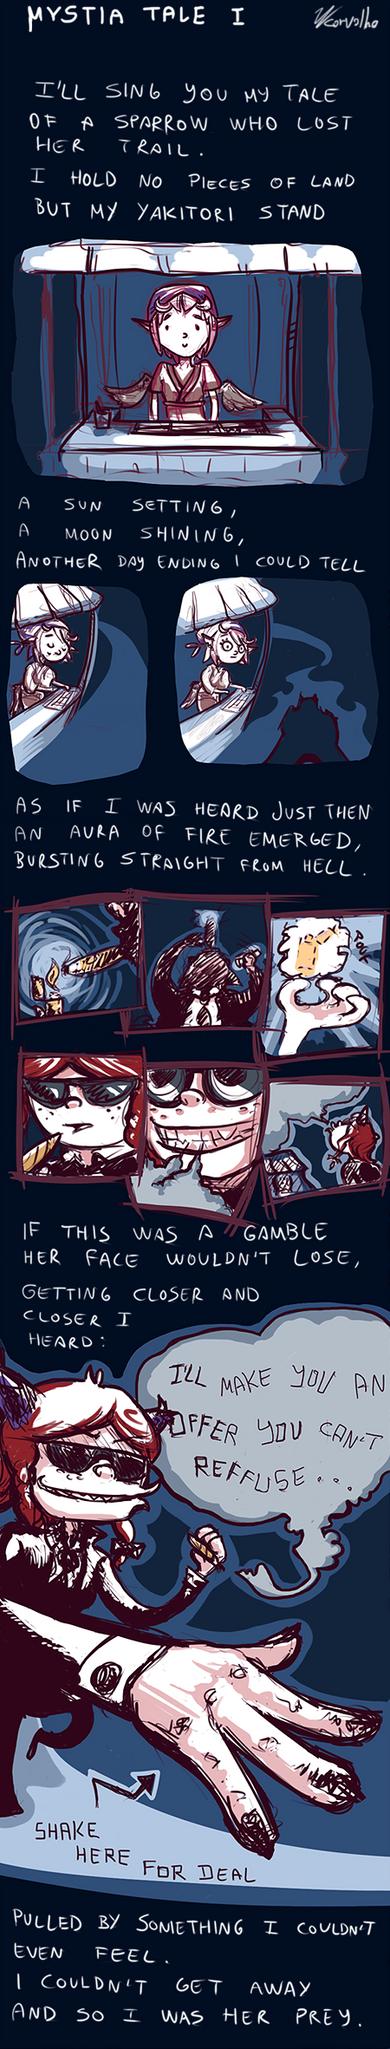 Mystia tale I by JonnyThatJonny